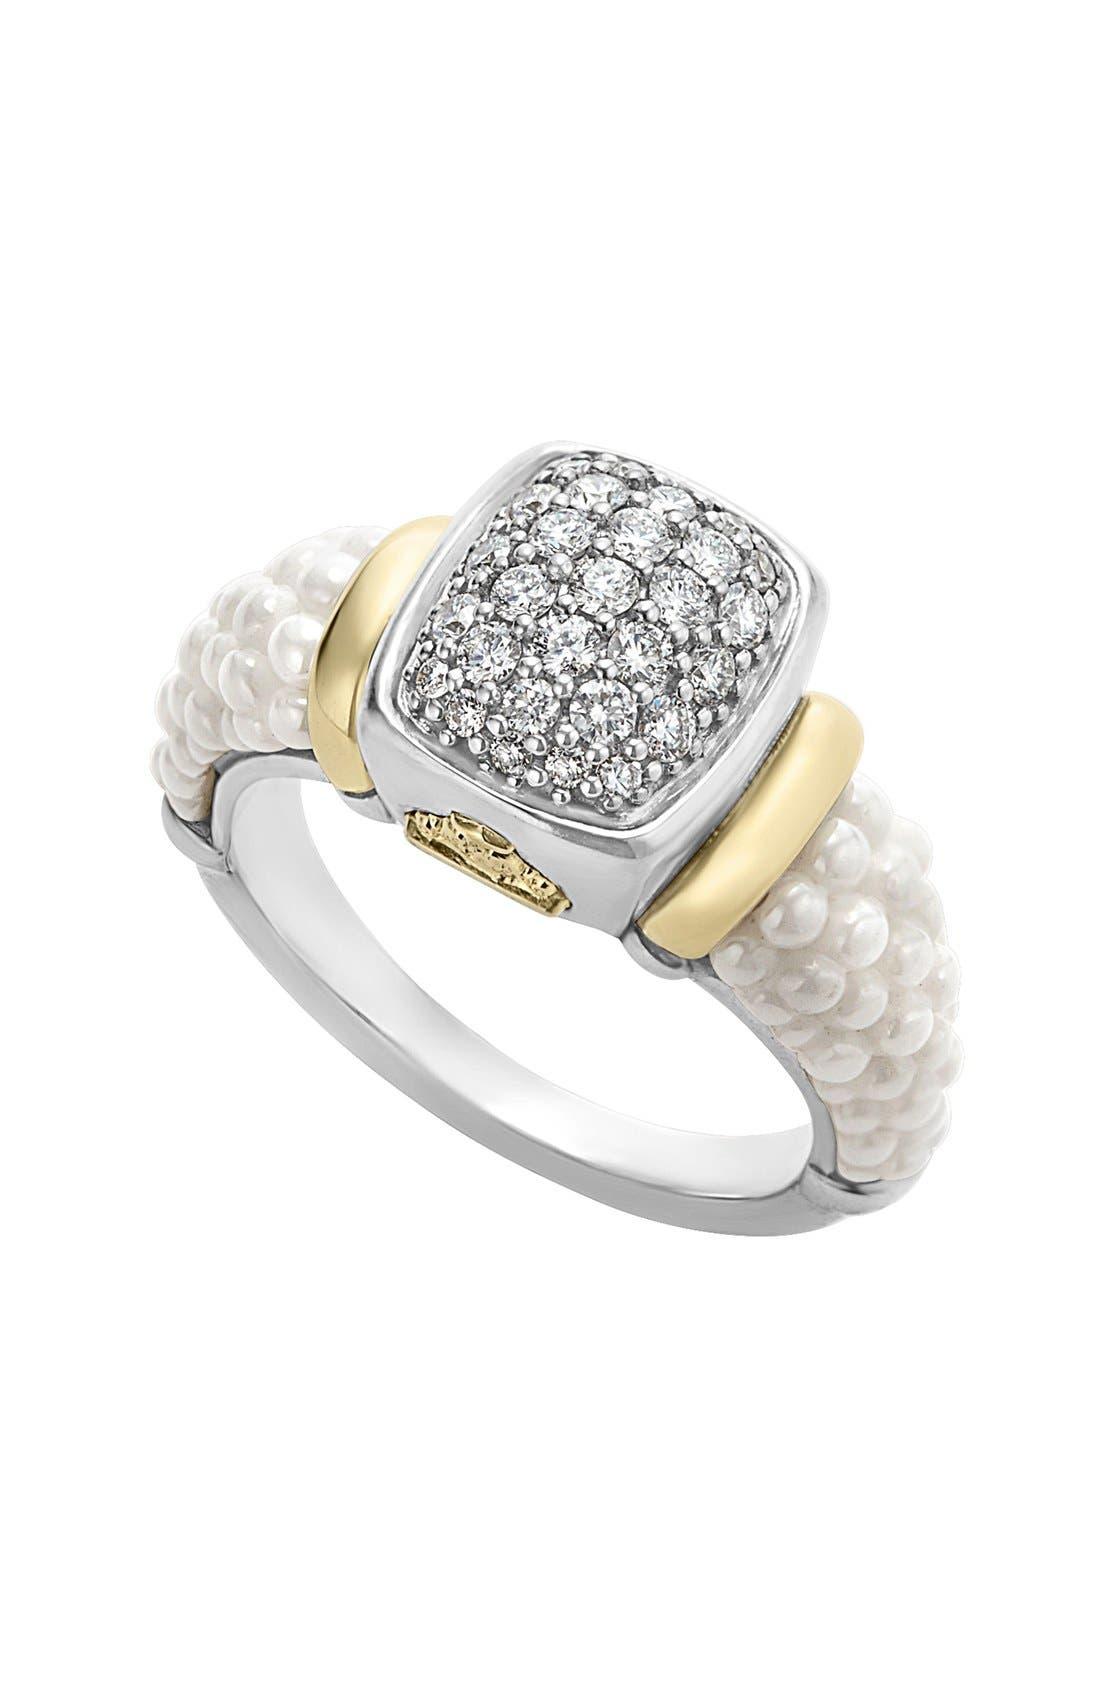 Alternate Image 1 Selected - LAGOS 'Caviar' Diamond Ring